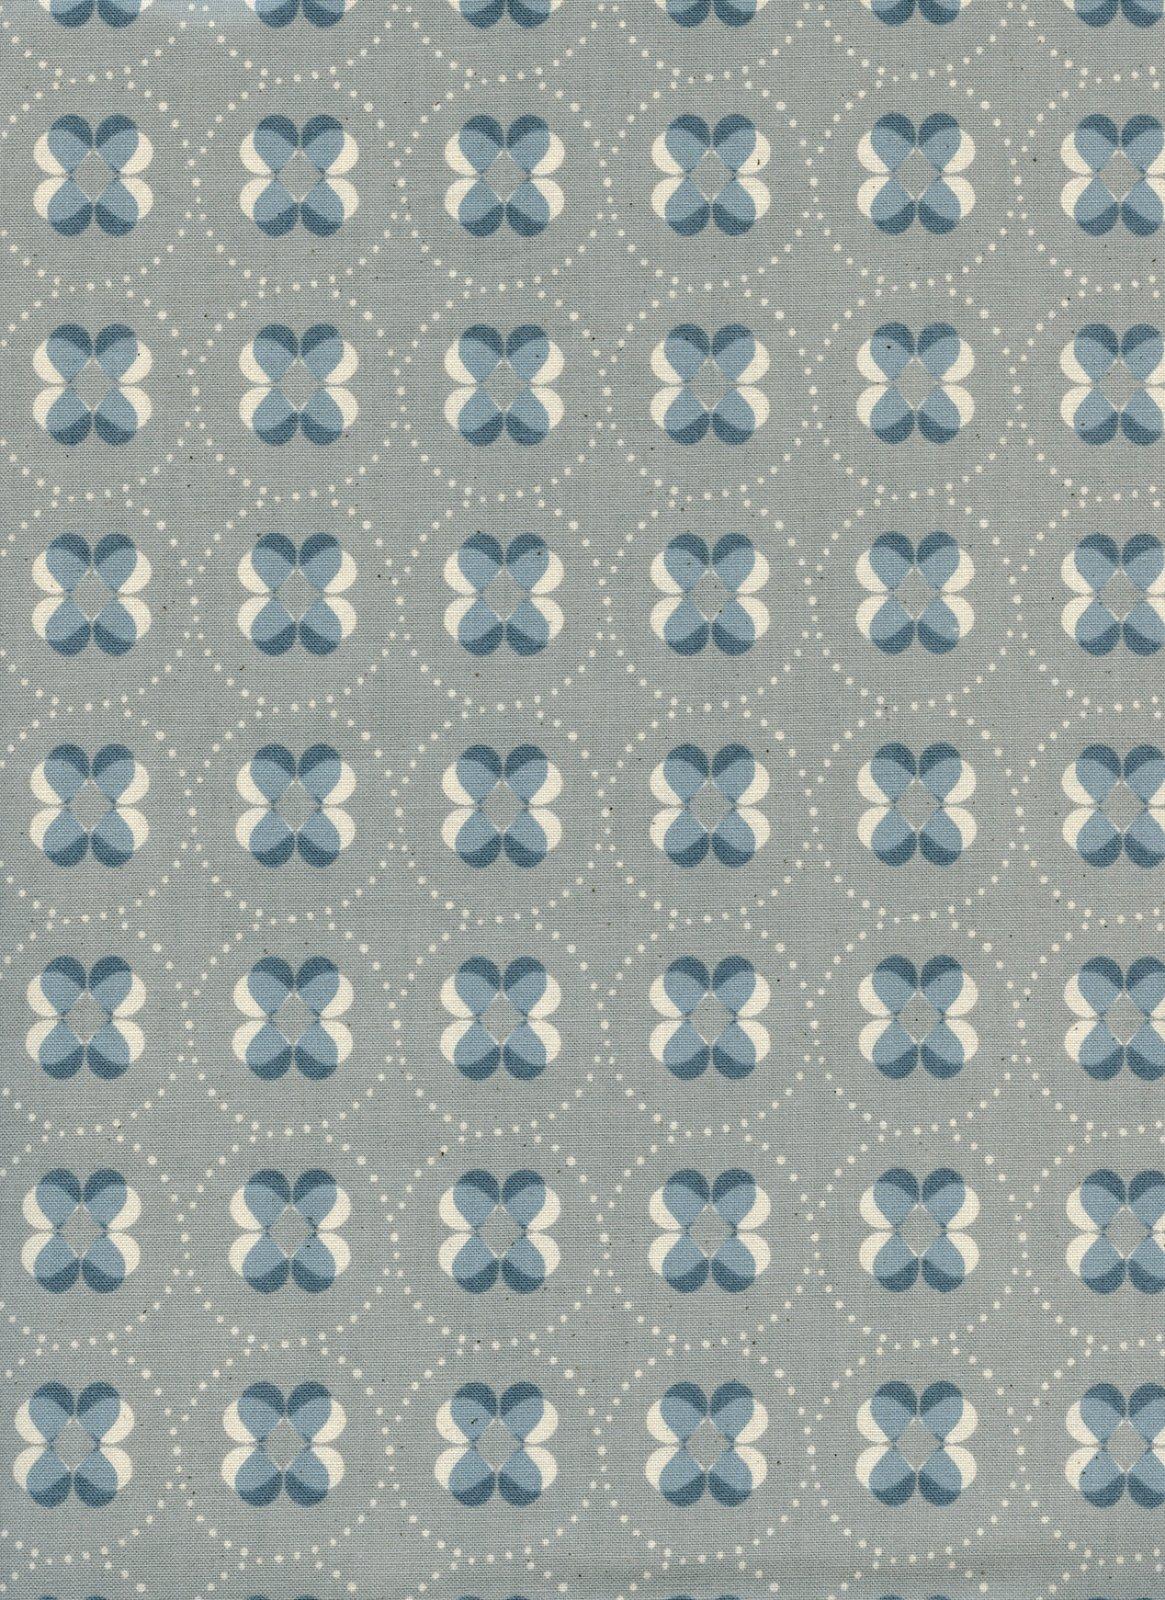 Panorama - Petal Dots